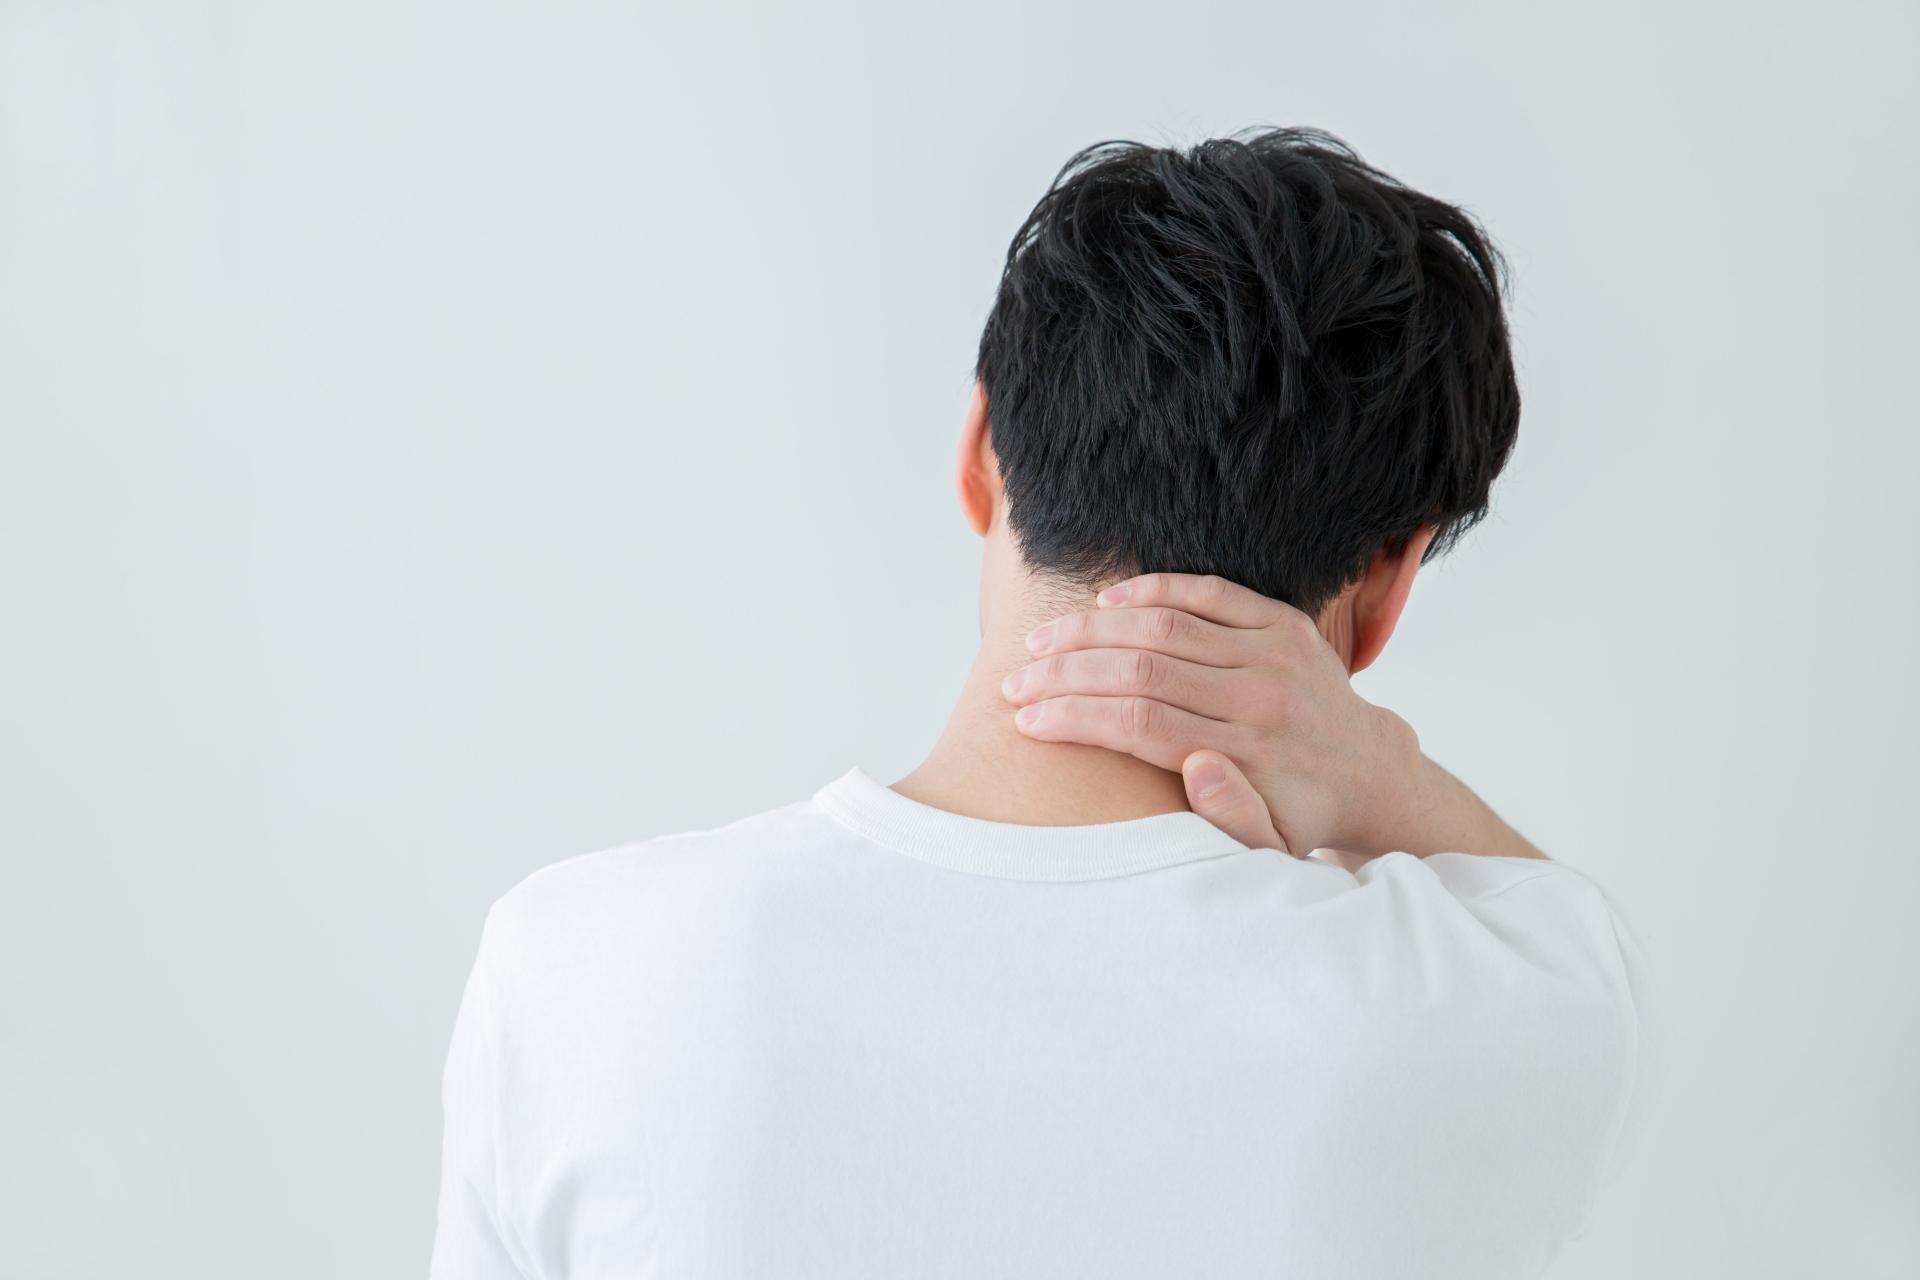 首こりの原因と症状について解説